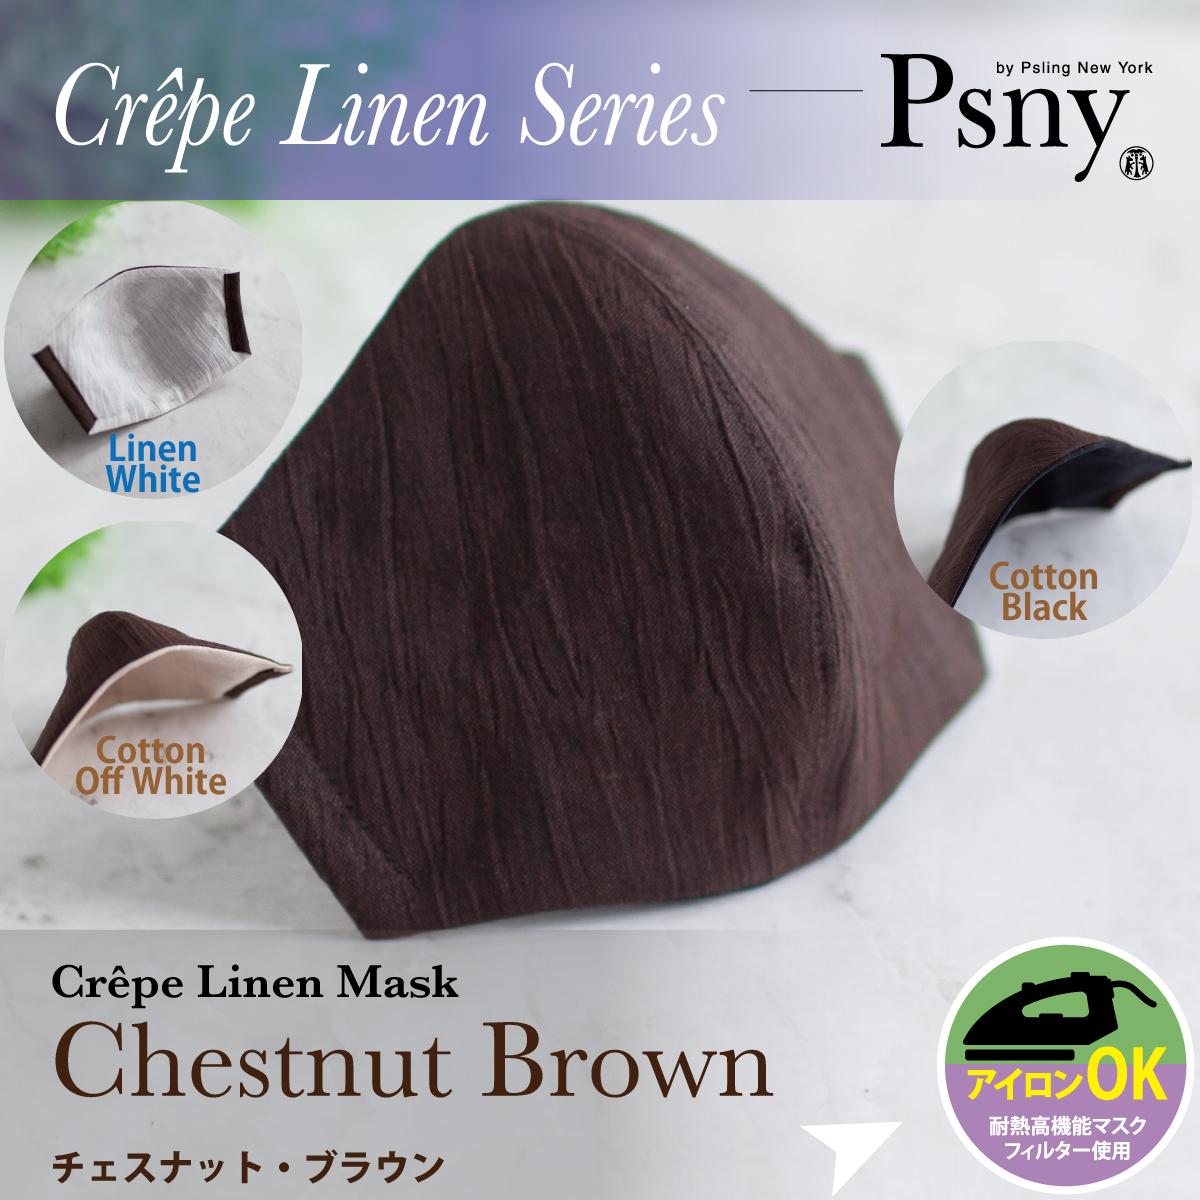 PSNY クレープ リネン・チェスナット・ブラウン 花粉 黄砂 洗える不織布フィルター入り 立体 大人用 マスク 送料無料 P12